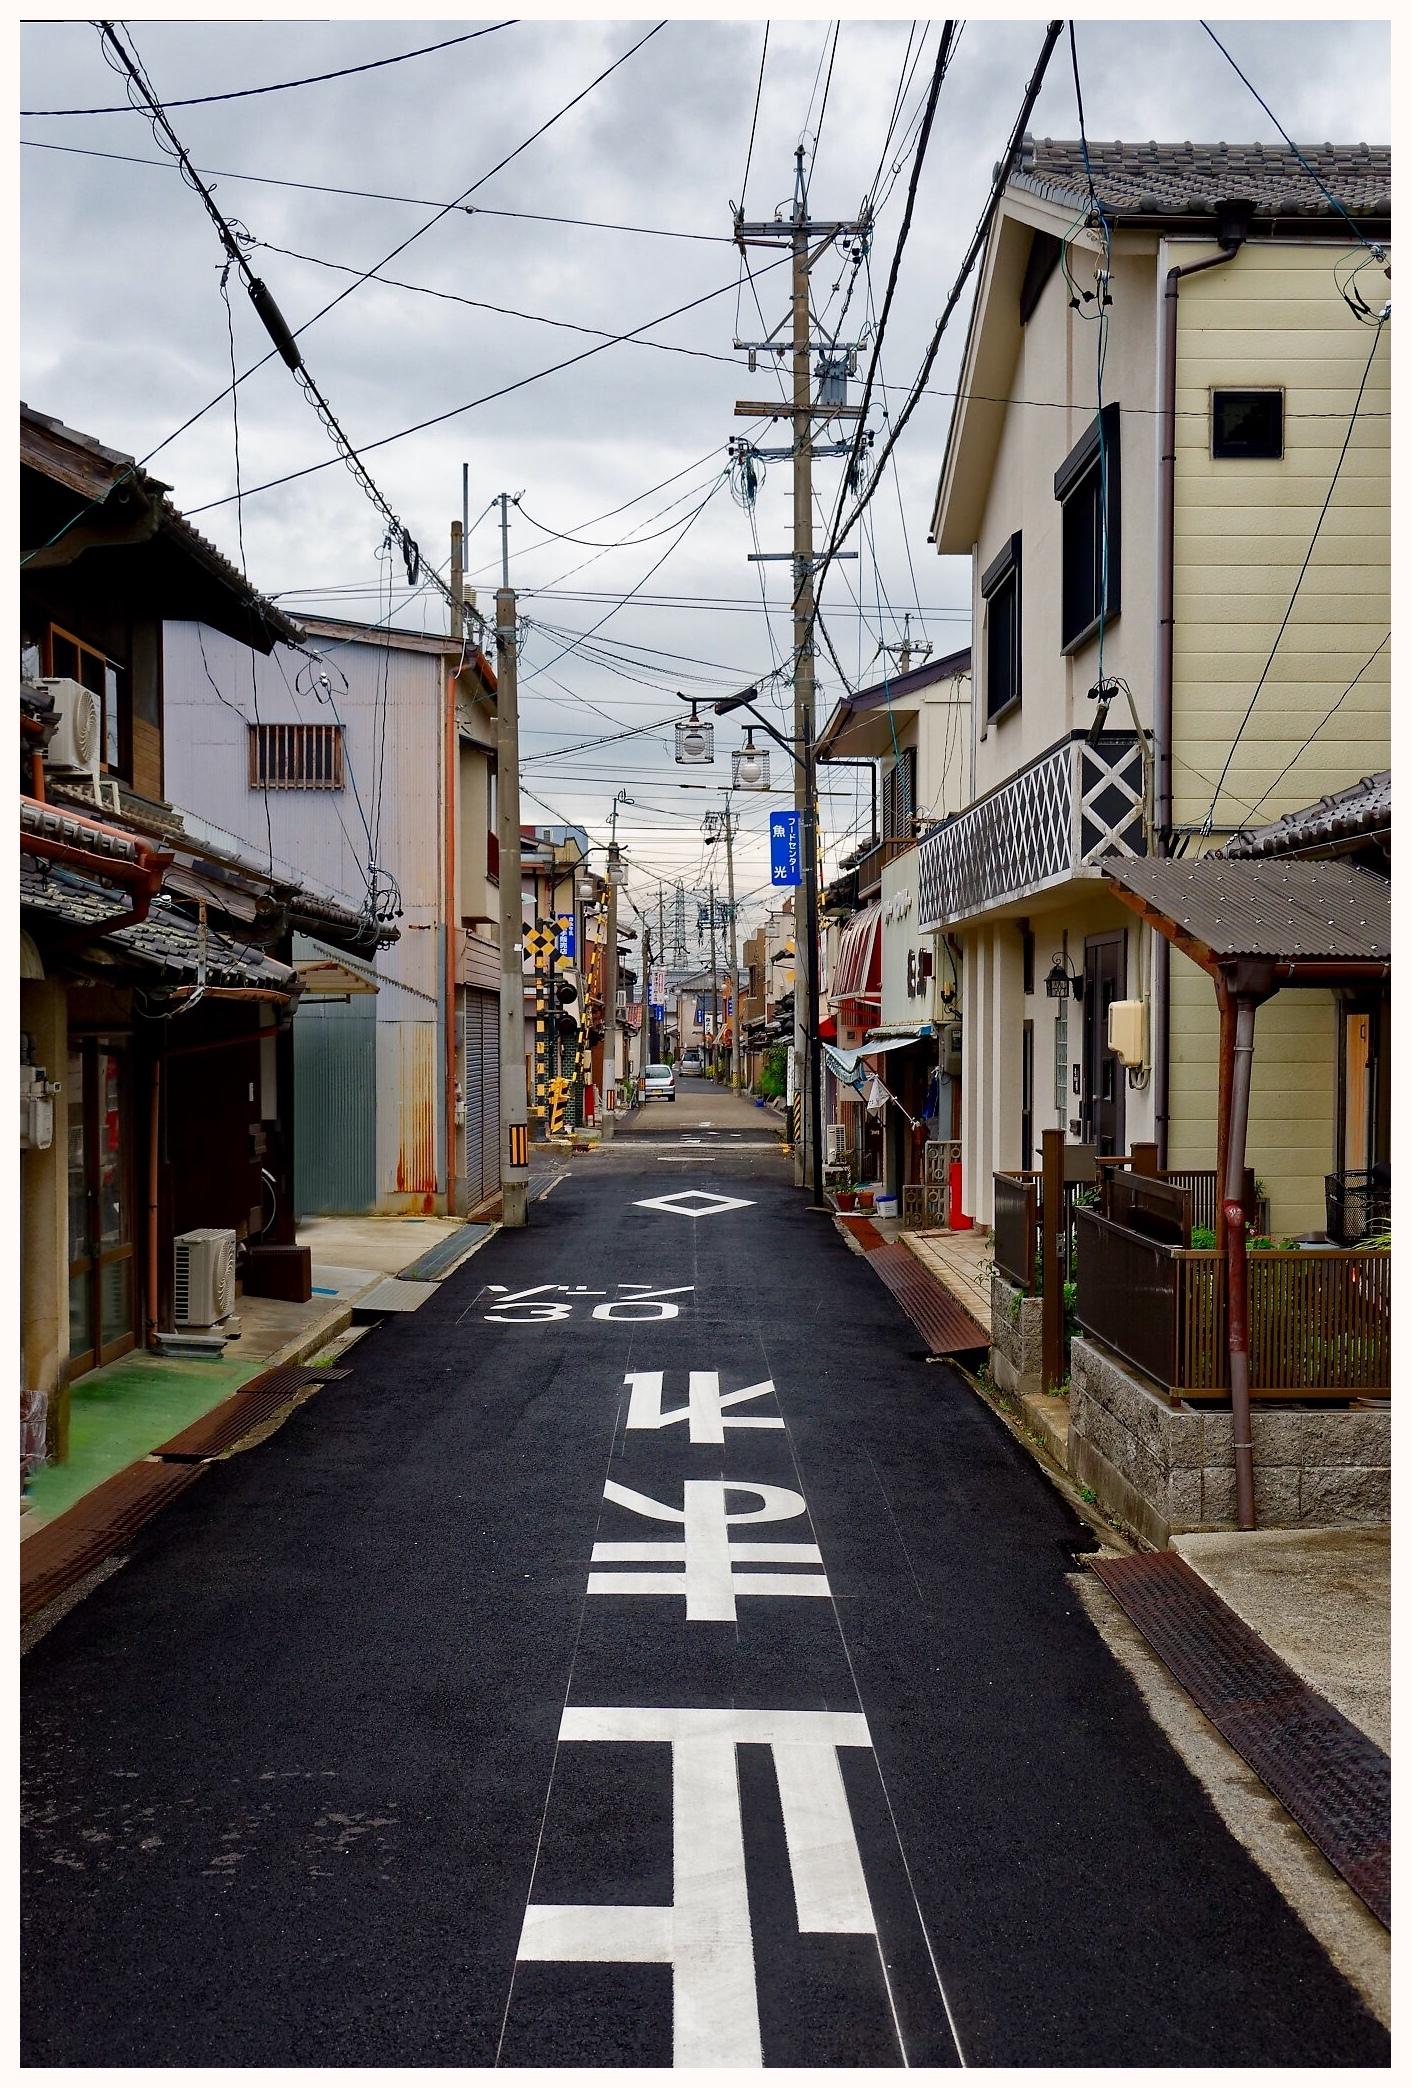 Voyage au Japon hors des sentiers battus à Mie - Bienvenue dans la jolie ville d'Iga...